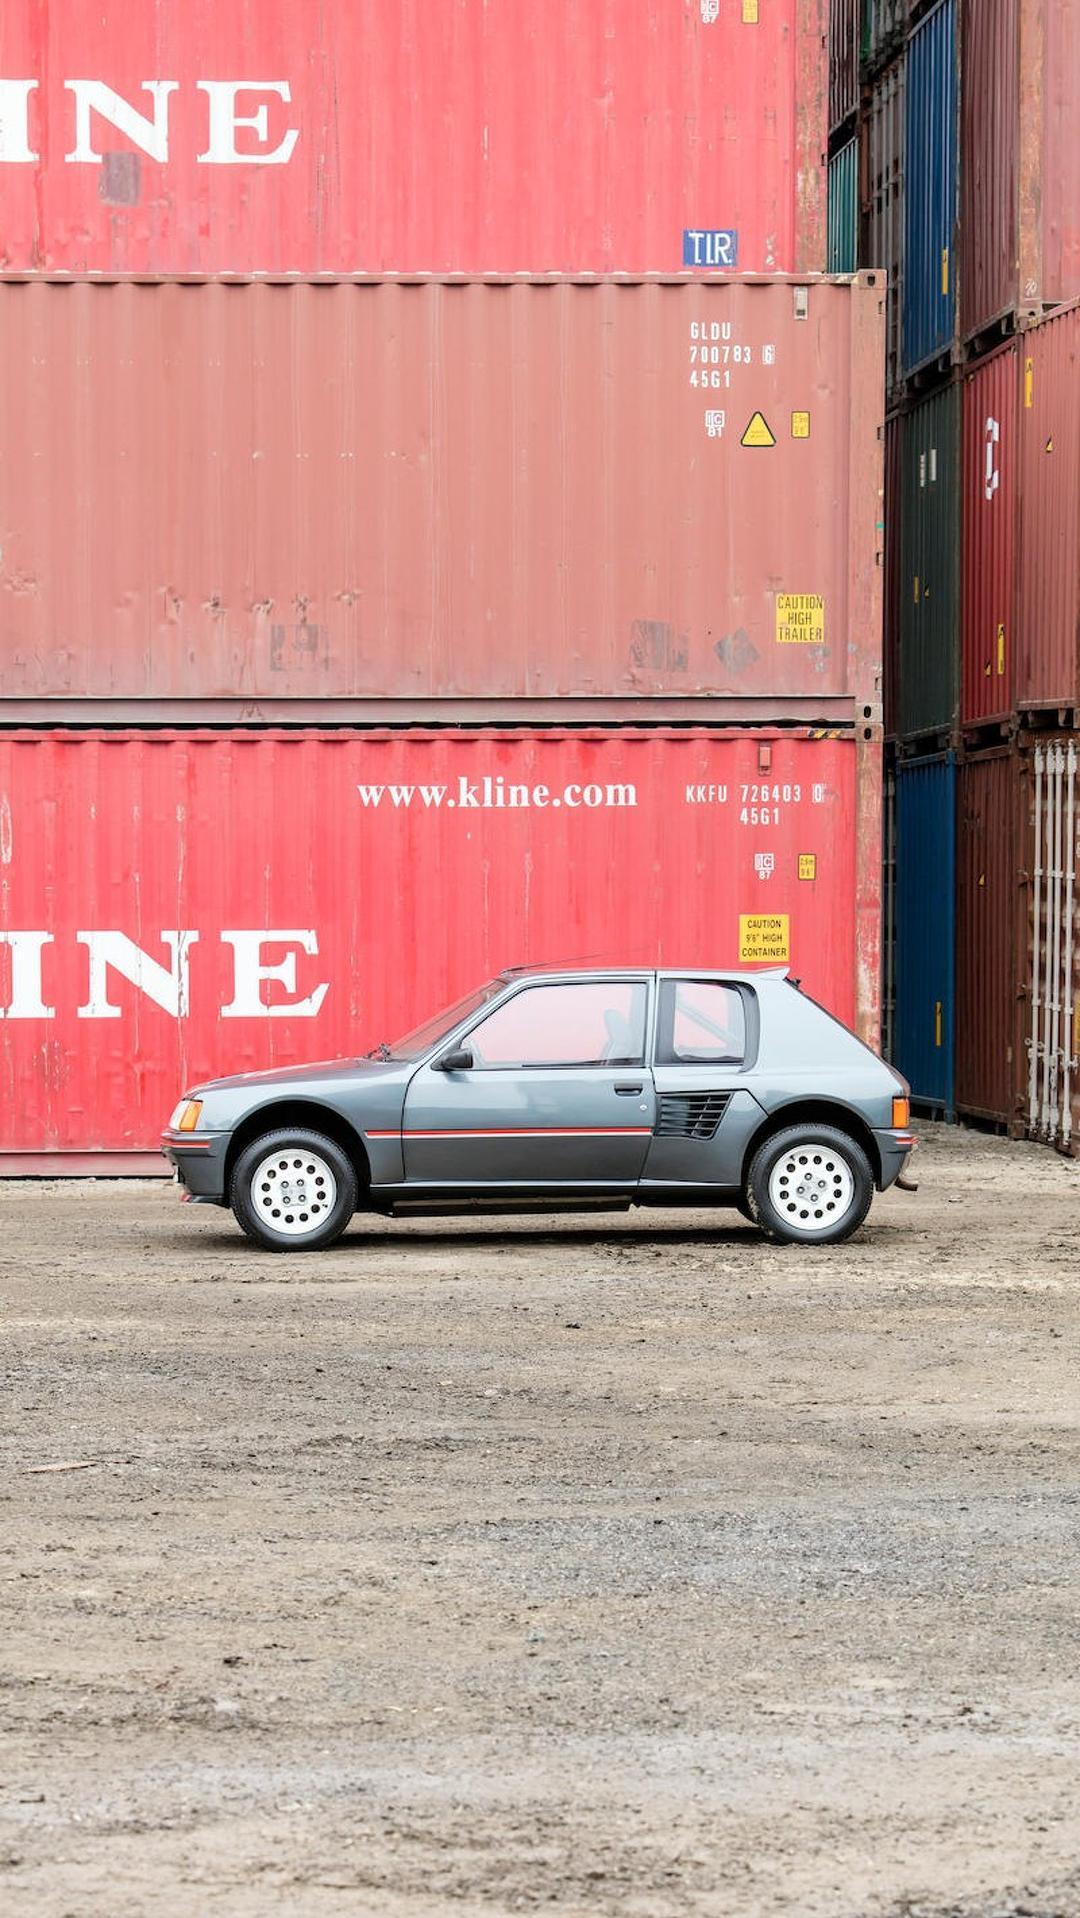 1985_Peugeot_205_Turbo_16_09